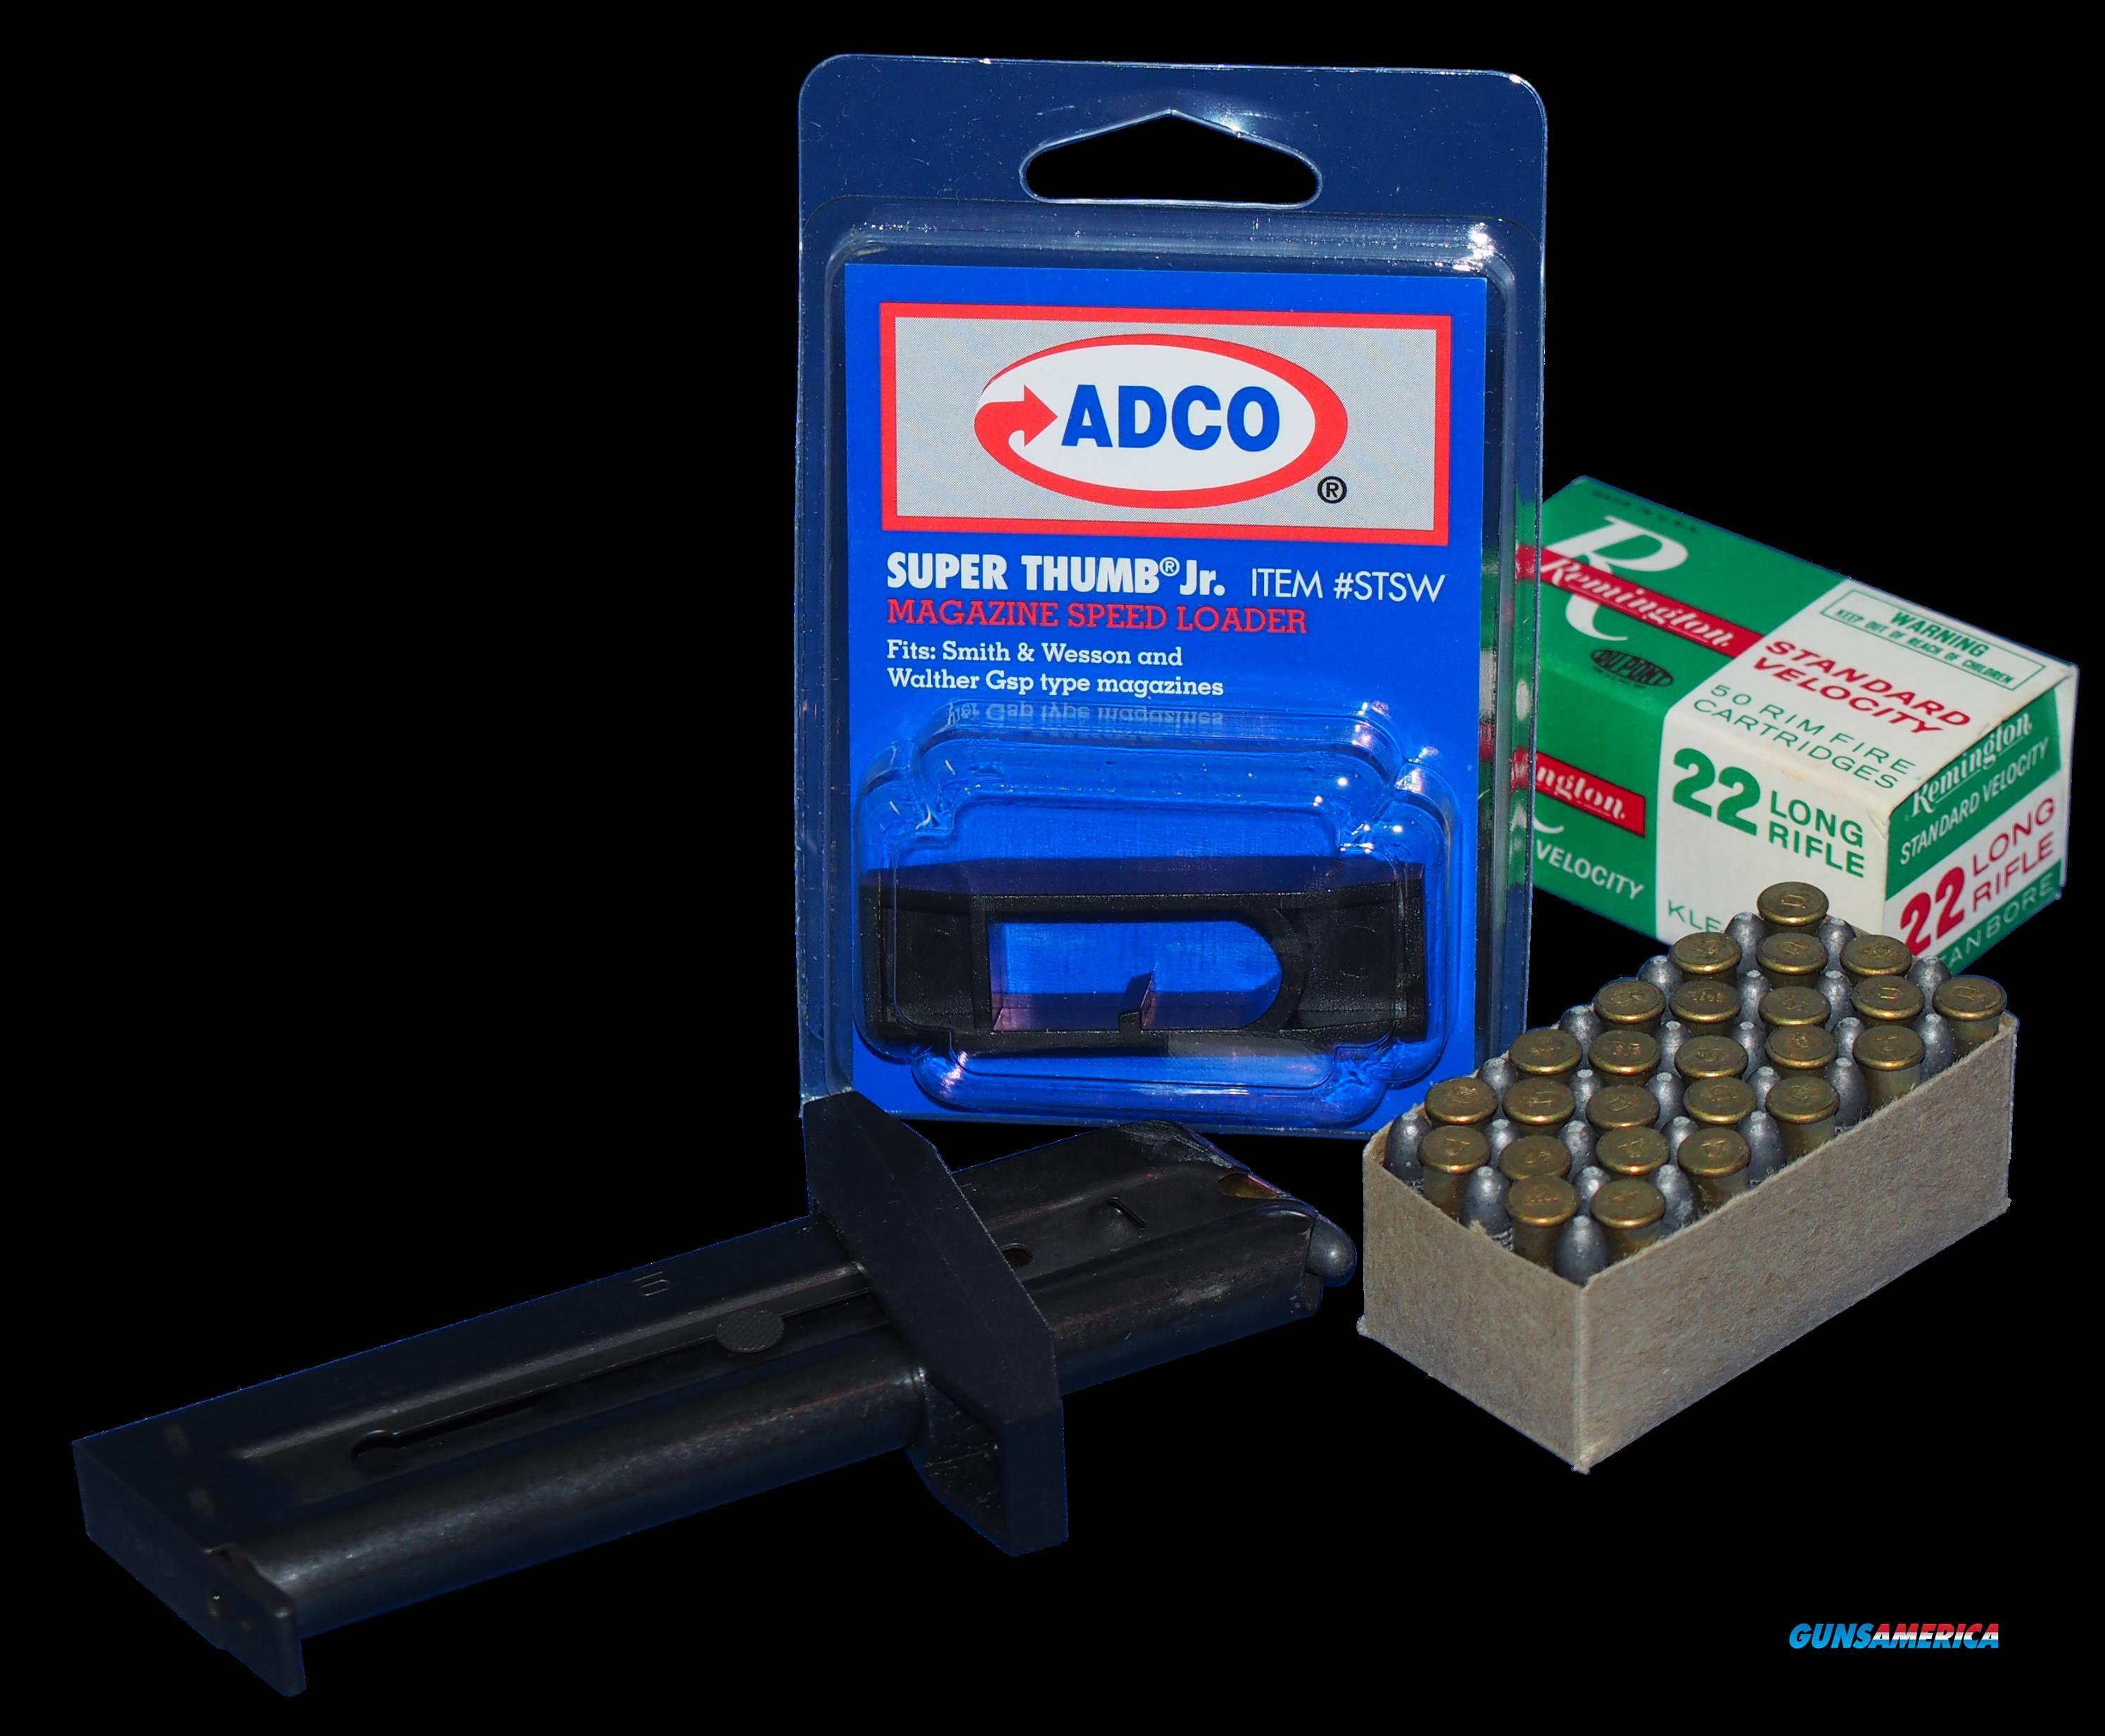 Adco Super Thumb Jr, Adco Stsw Super Thumb Jr S&w 22  Guns > Pistols > 1911 Pistol Copies (non-Colt)